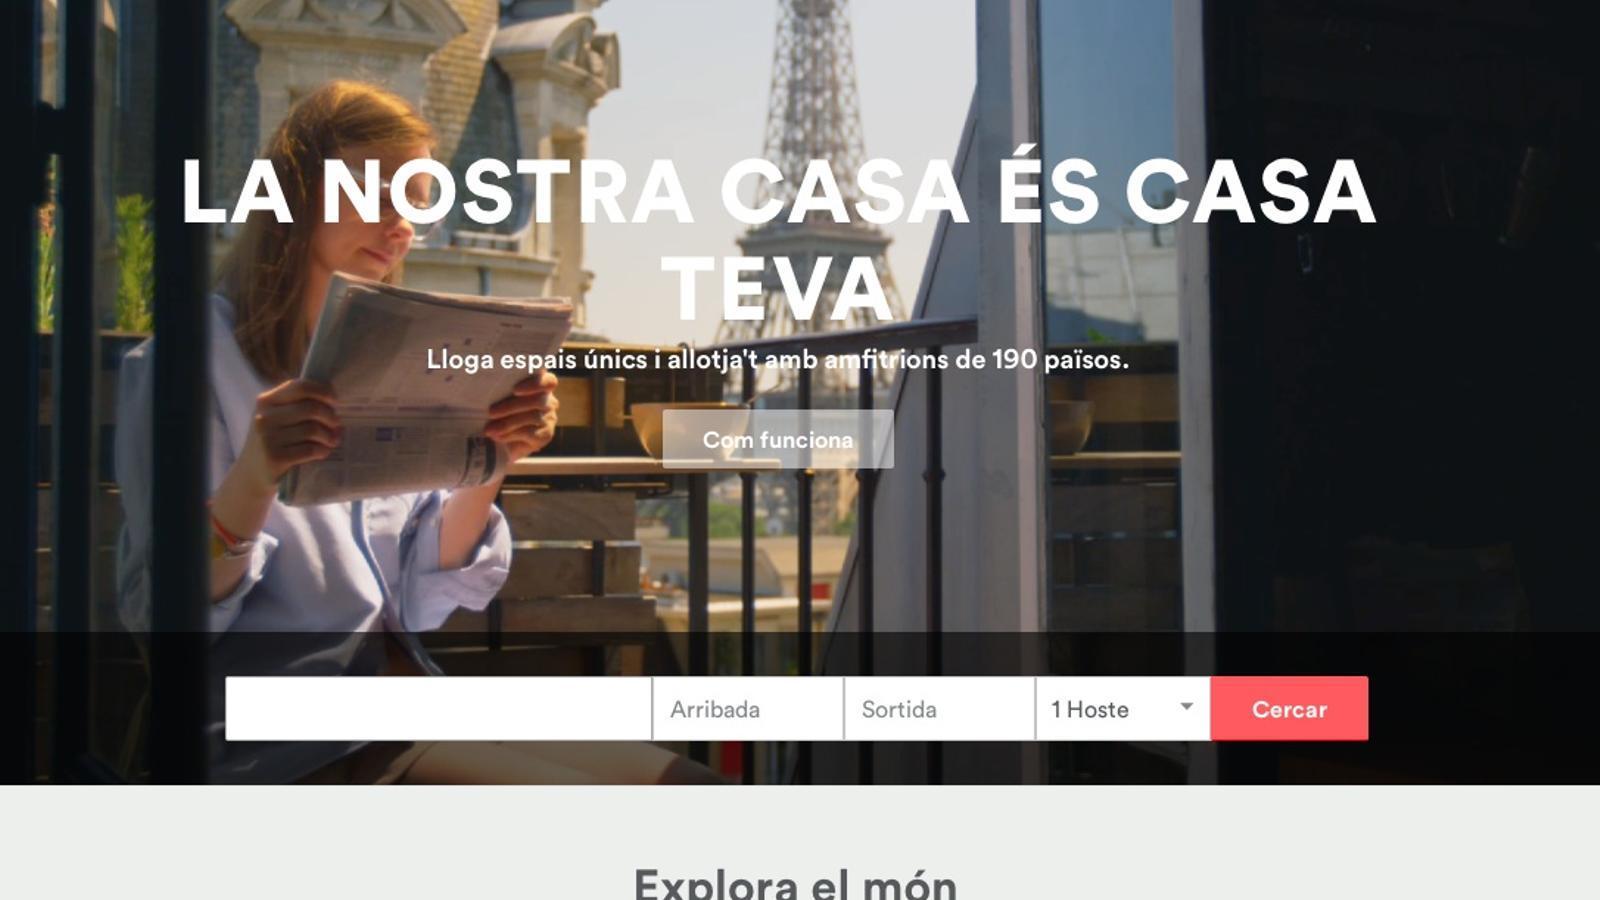 La justícia europea s'inclina per considerar Airbnb una companyia de la informació, a diferència d'Uber